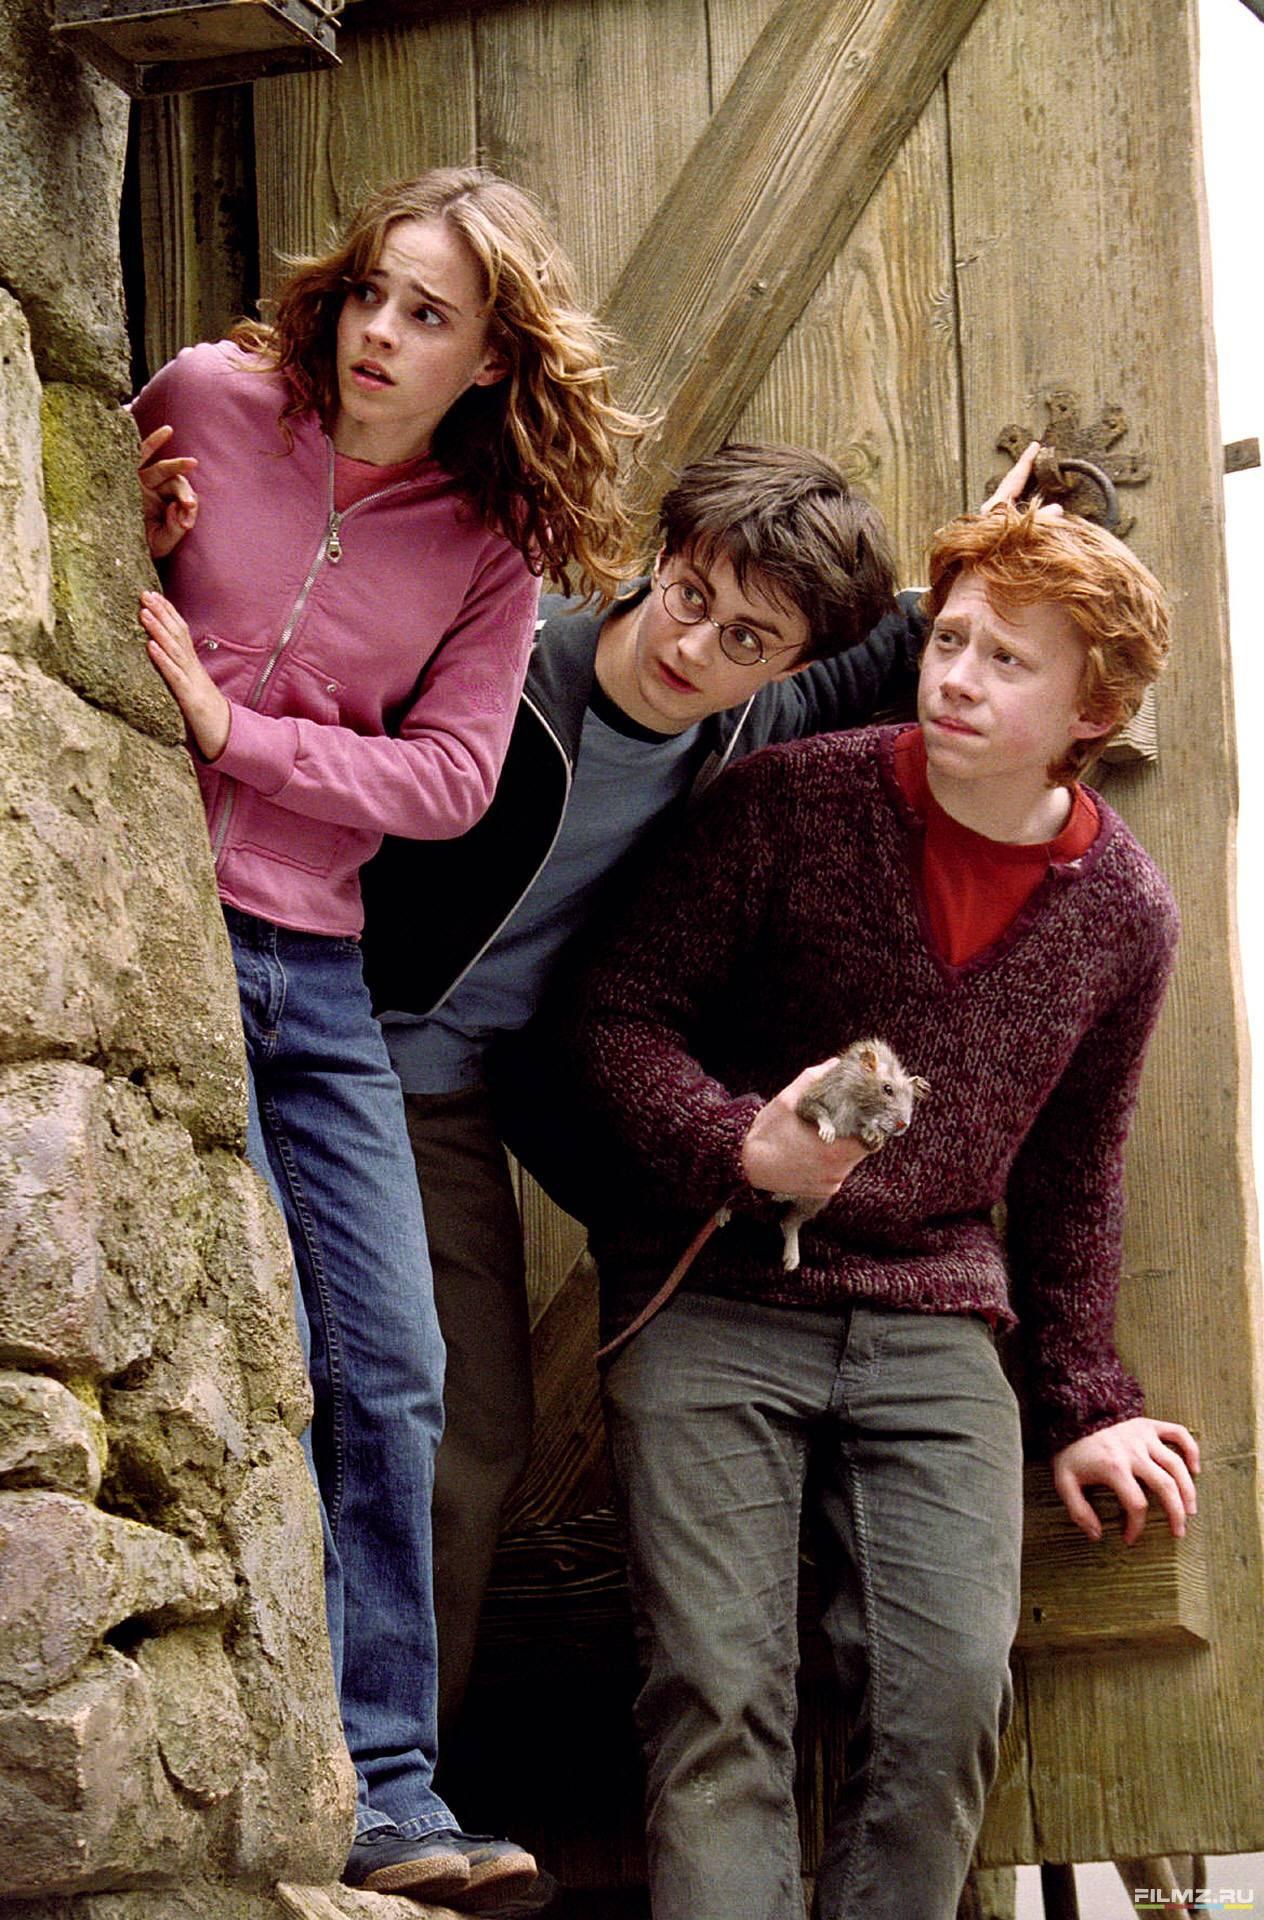 Новое сообщество, посвященное Гарри Поттеру. Здесь вы можете найти